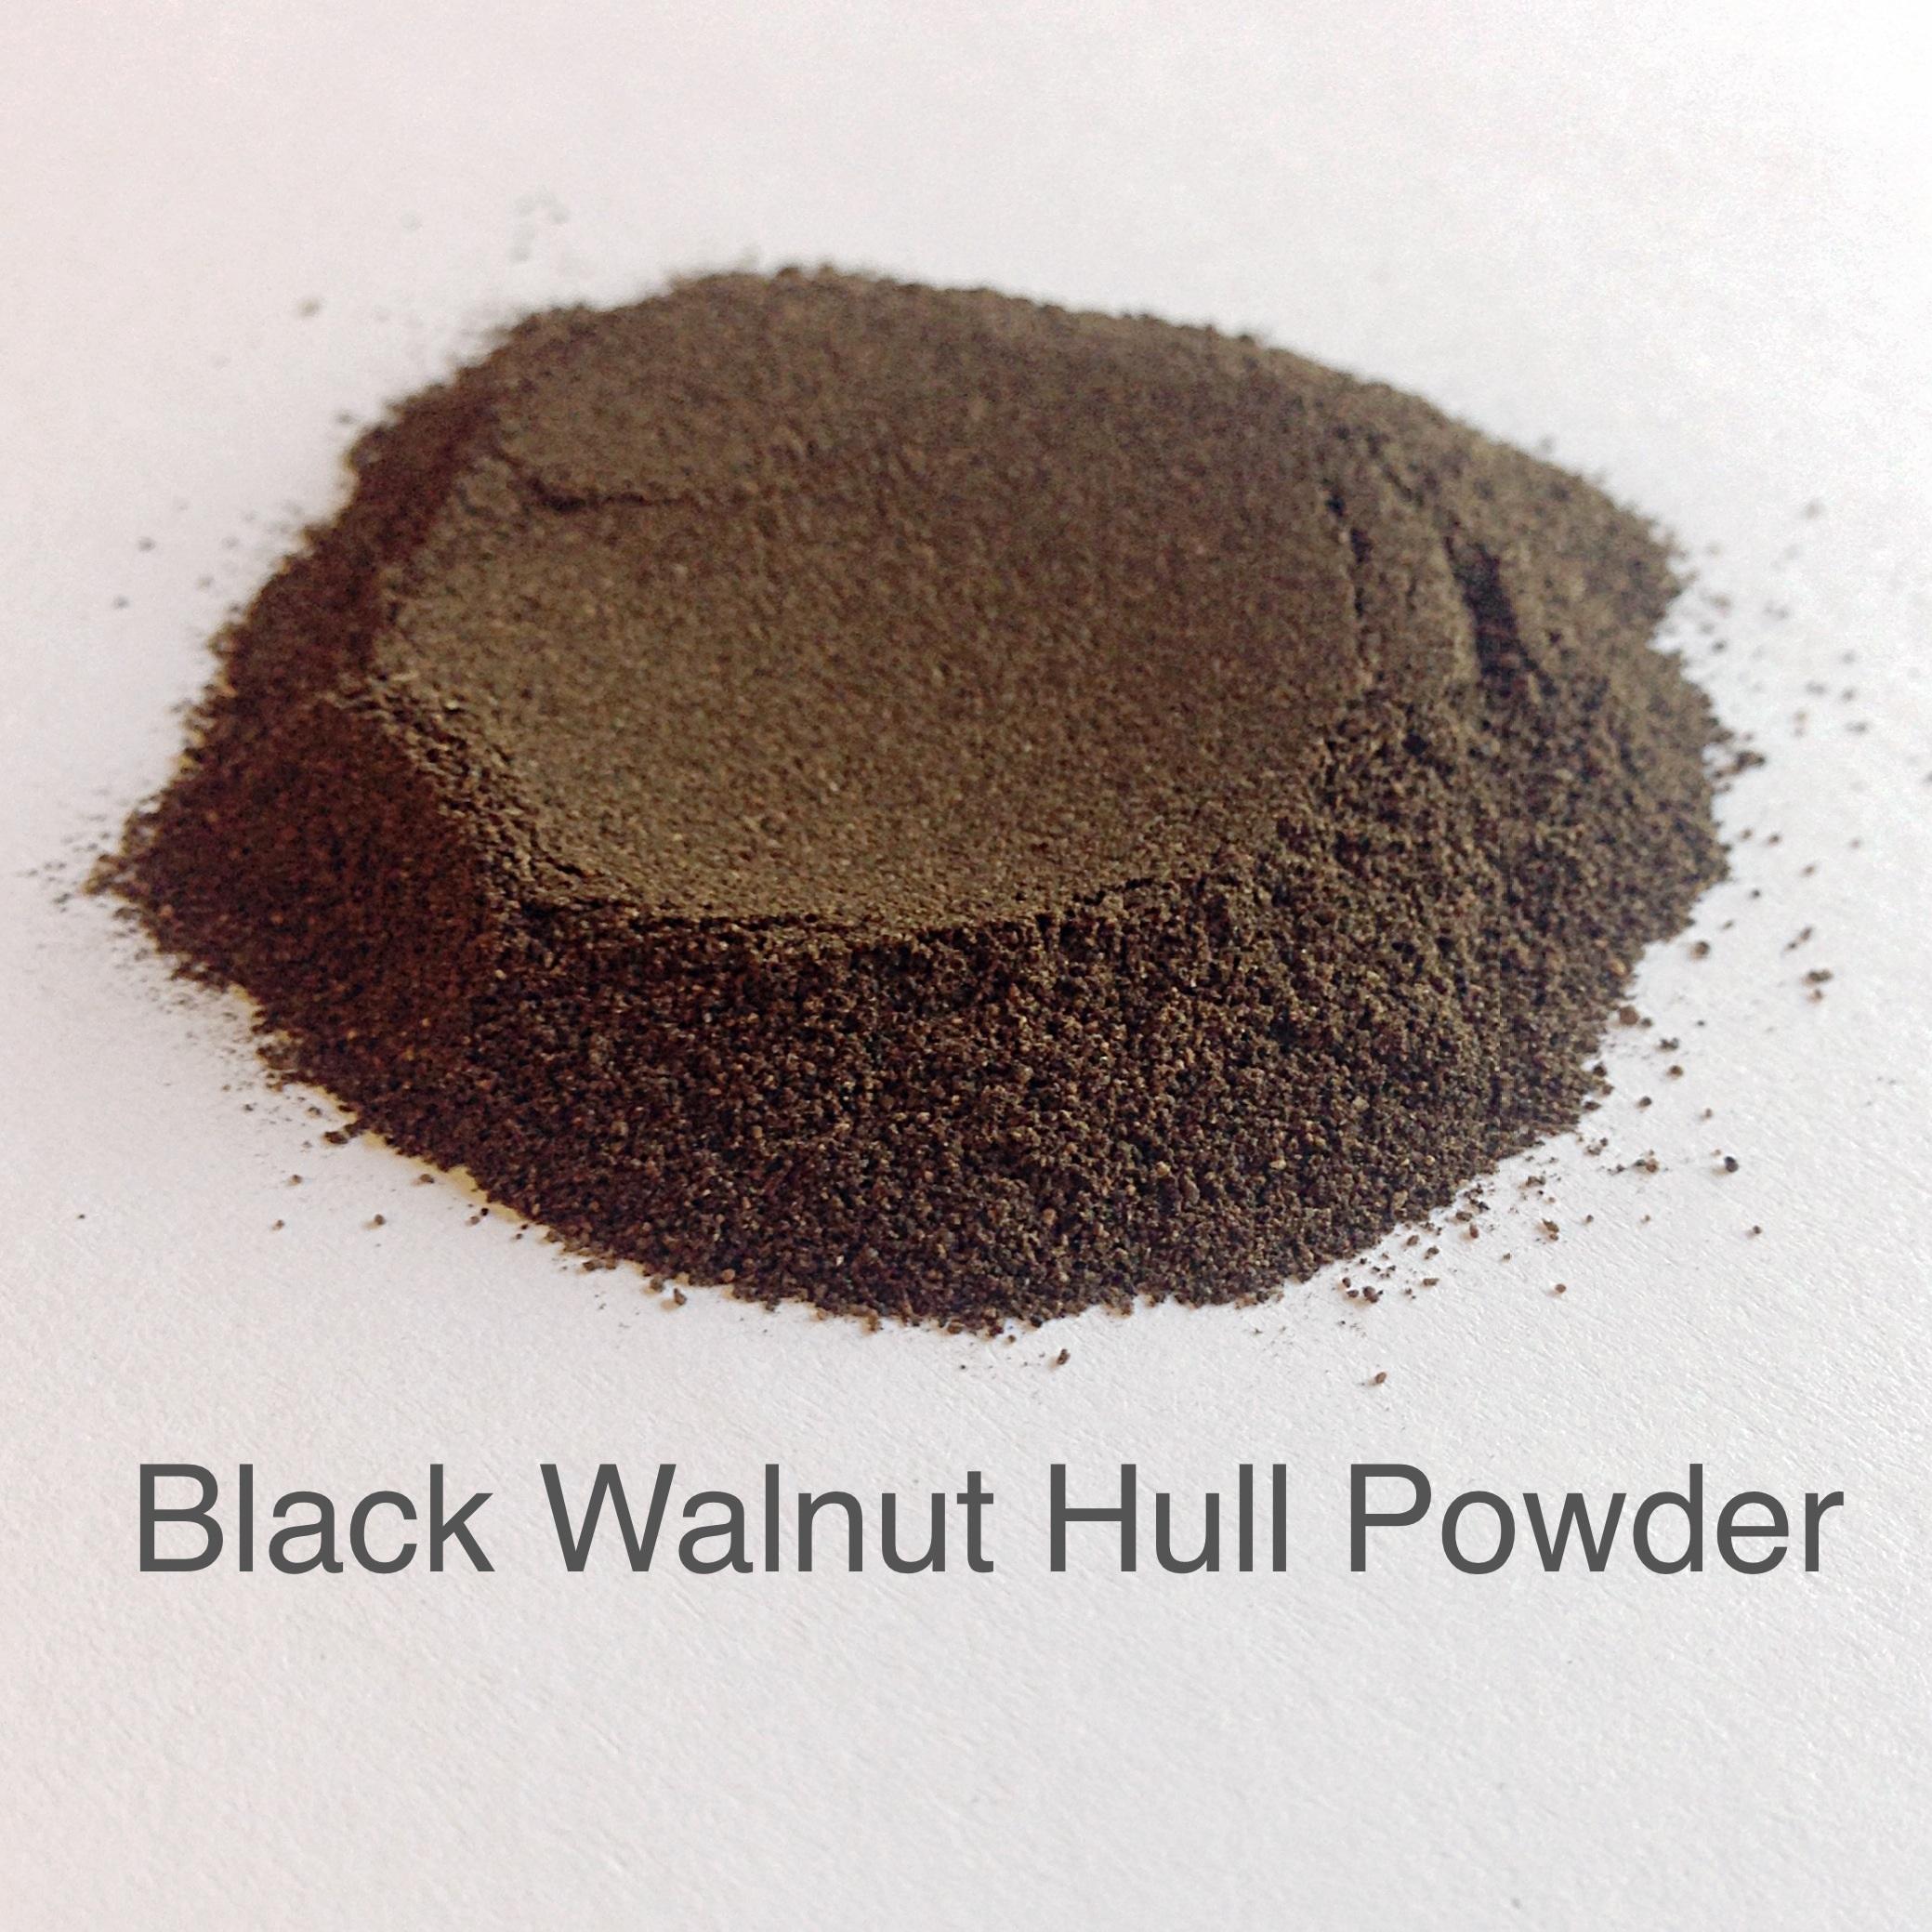 Black walnut hull uses